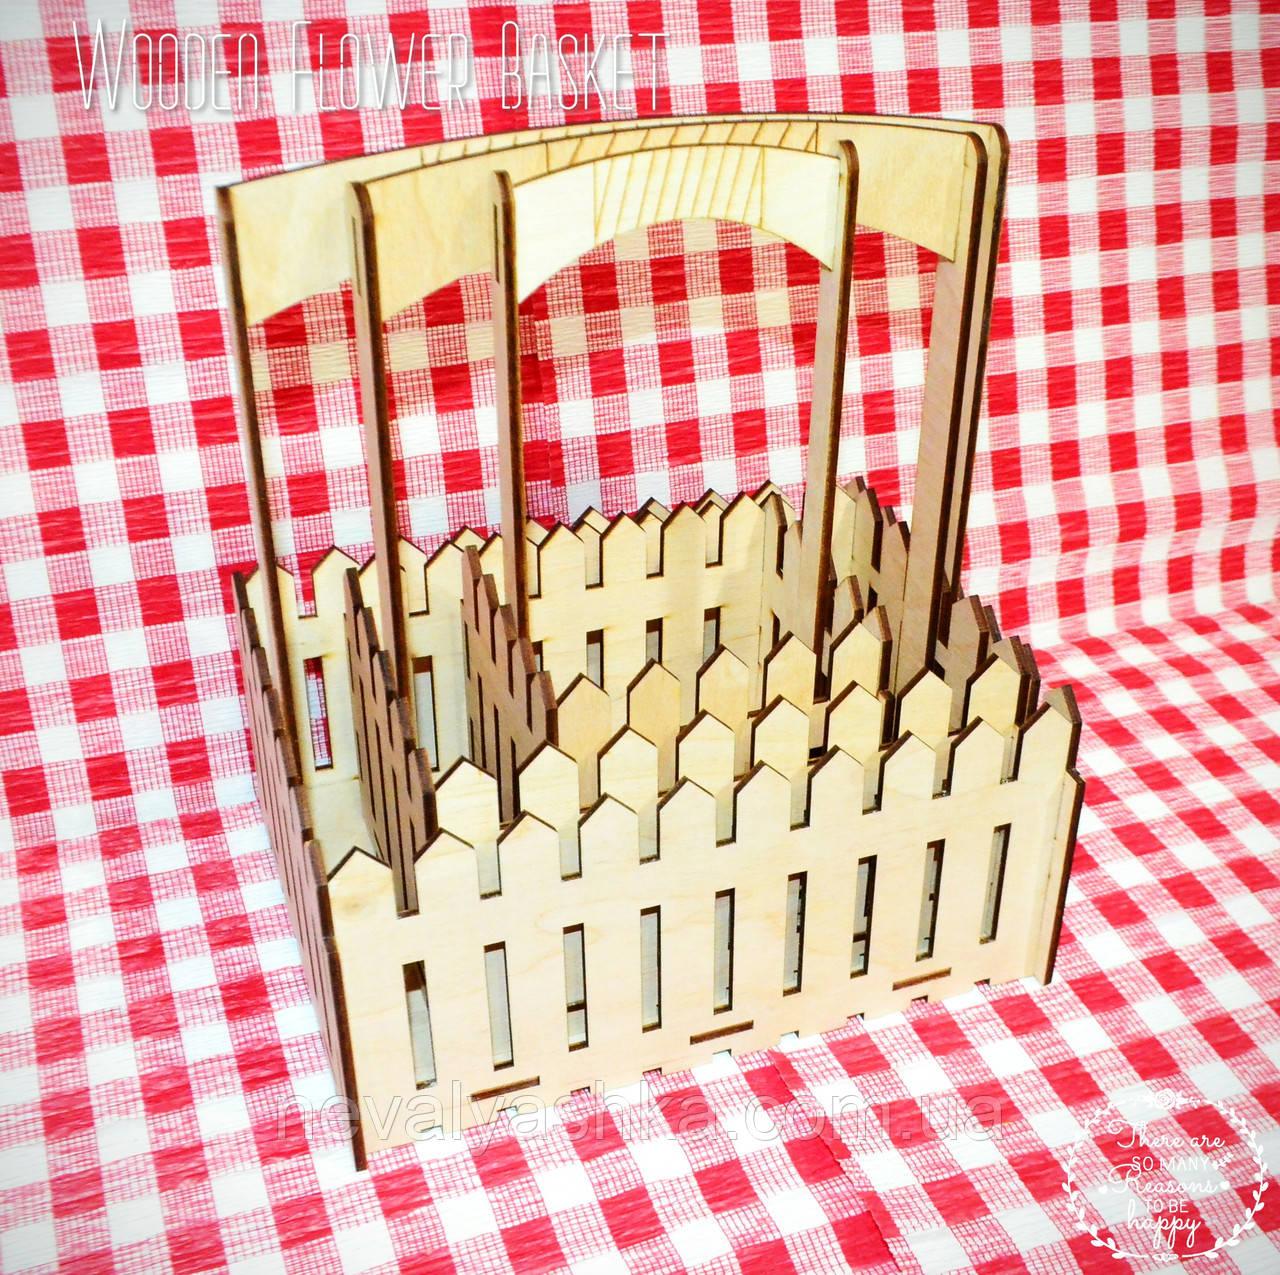 Комплет из Декоративных Деревянных Корзинок 3шт для оформления цветов букетов дерев'яні корзини для квітів